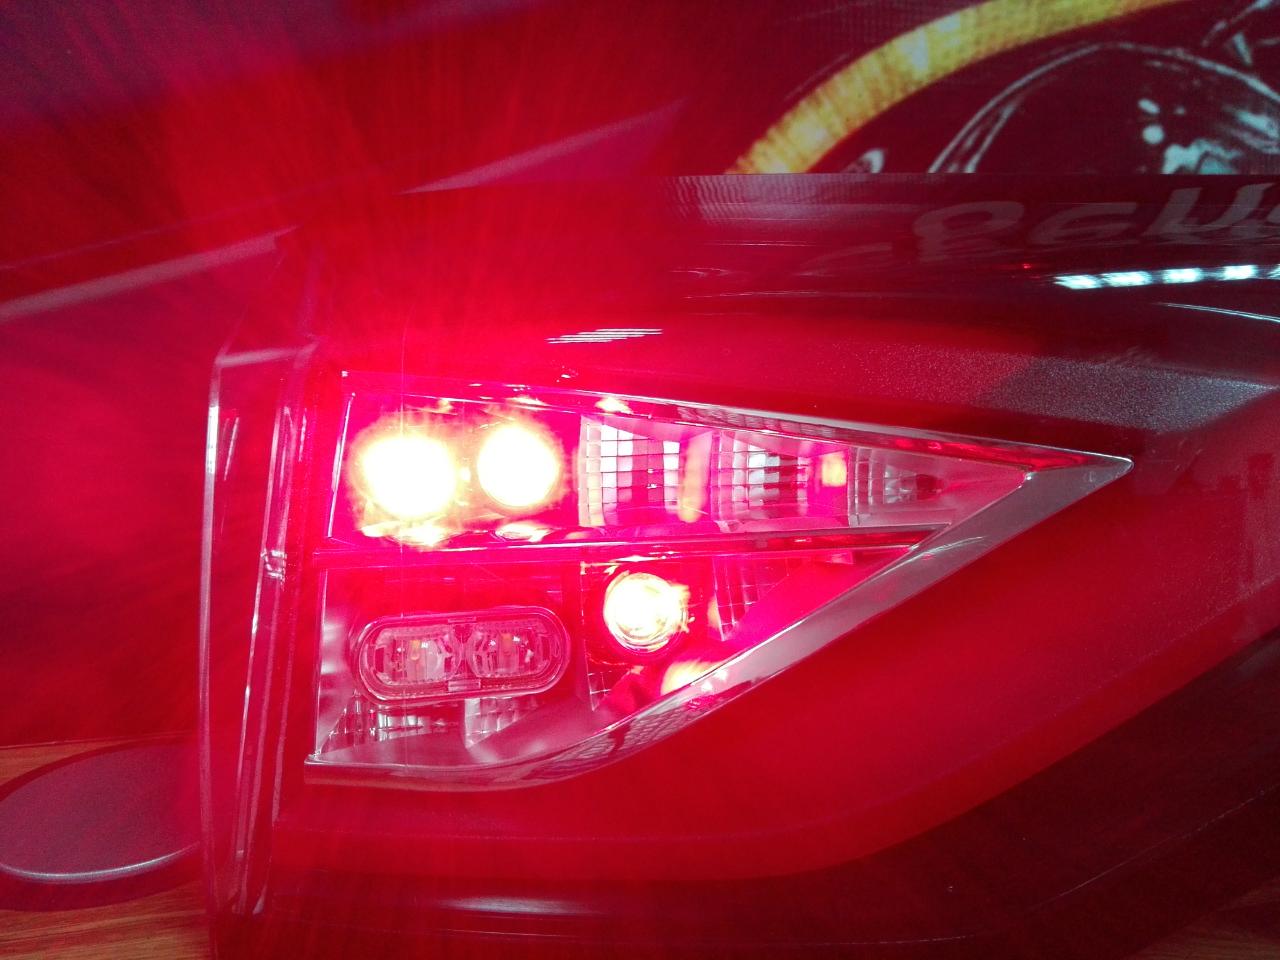 Reparatur von lampen led ty ford edge 2015 rok for Lampen reparatur